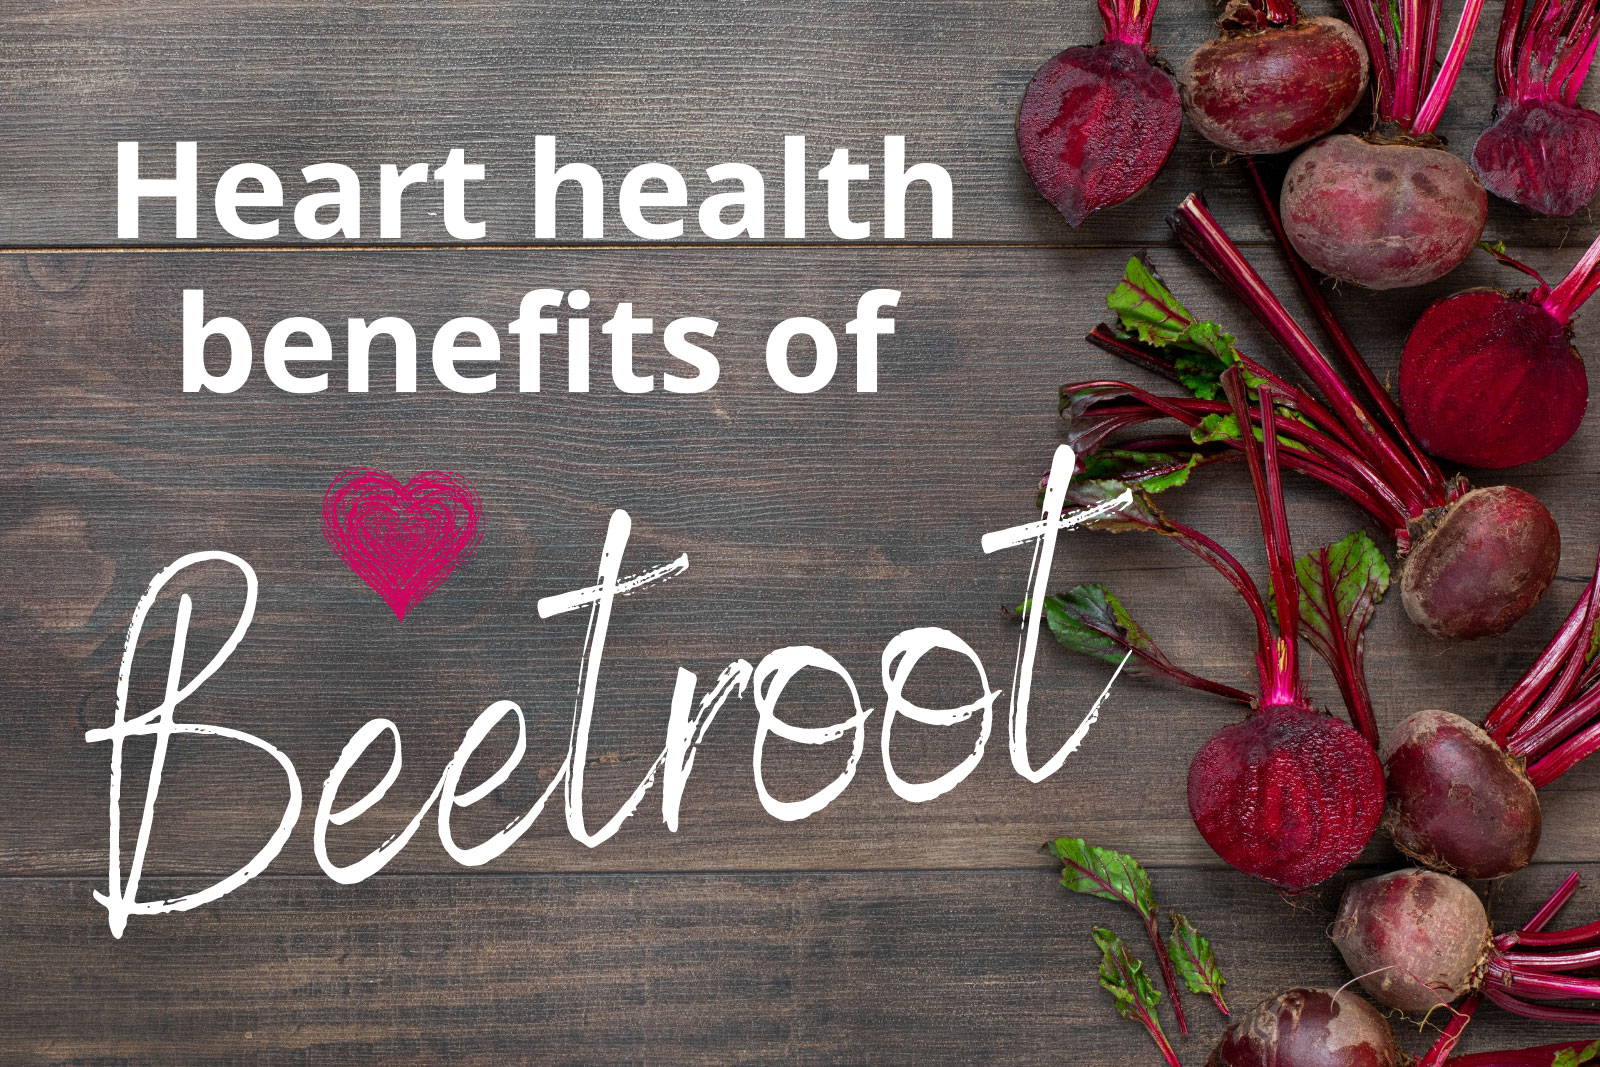 Heart health benefits of betteroot